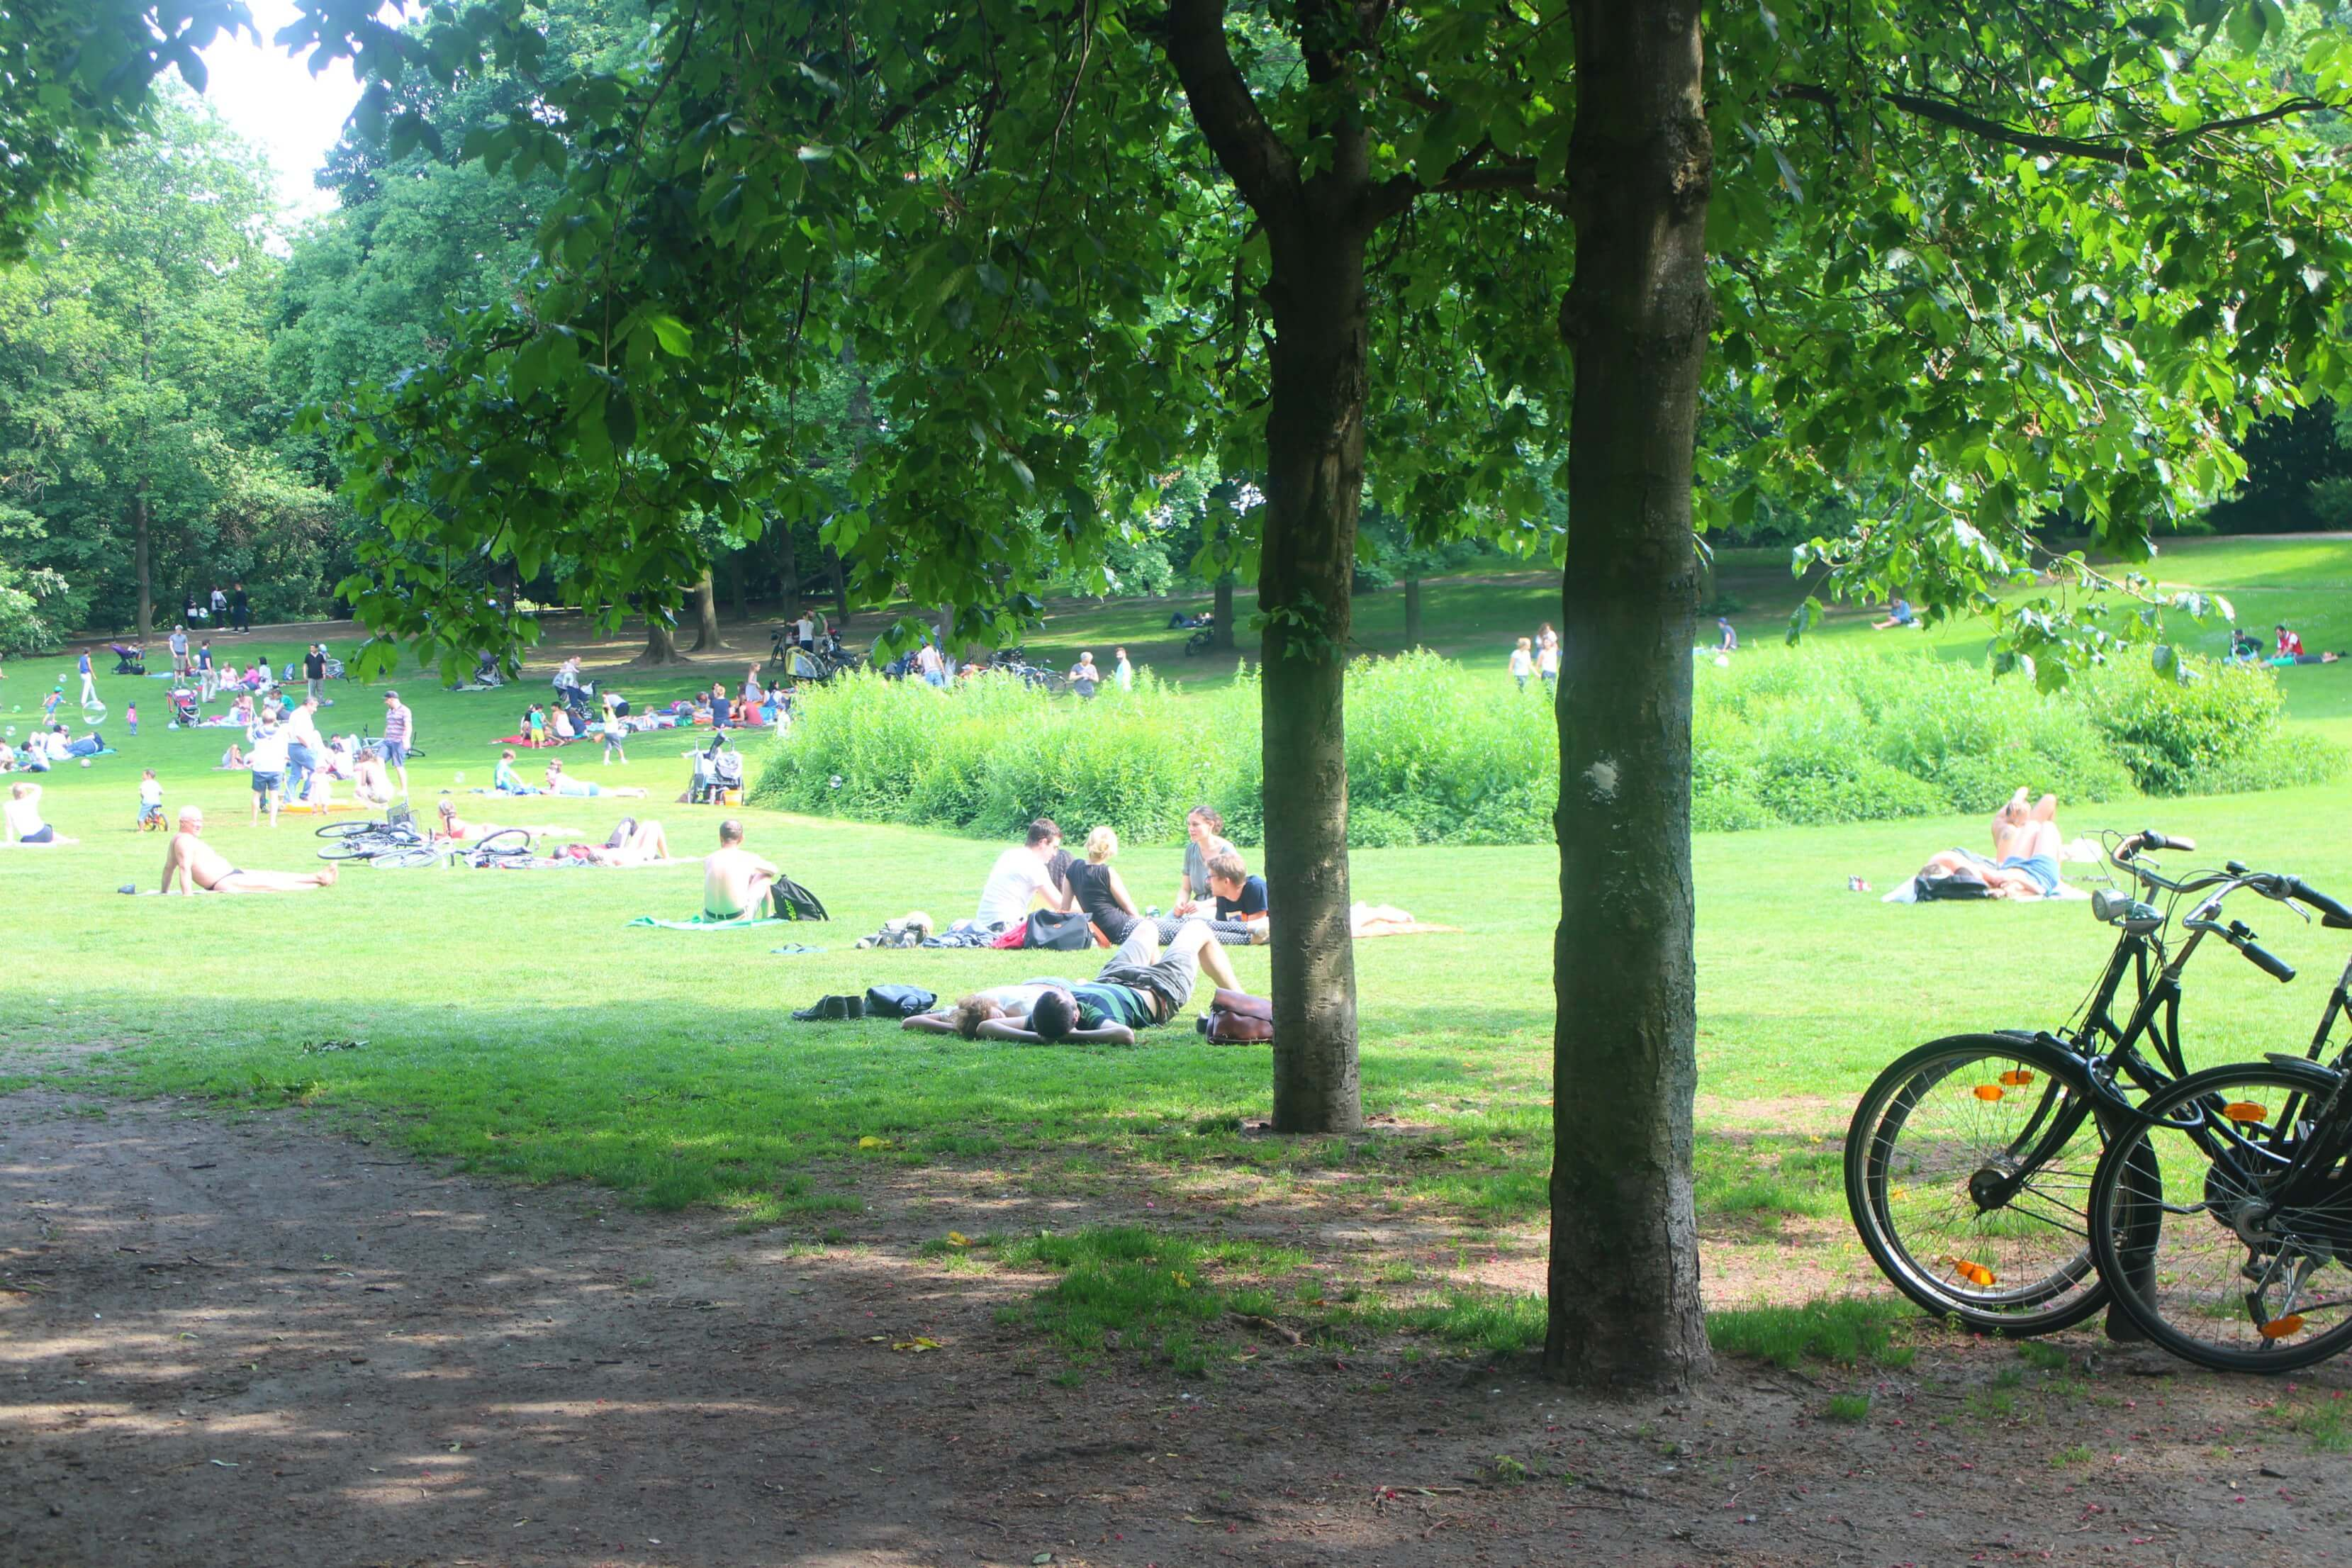 volkspark-wilmersdorf-berlijn